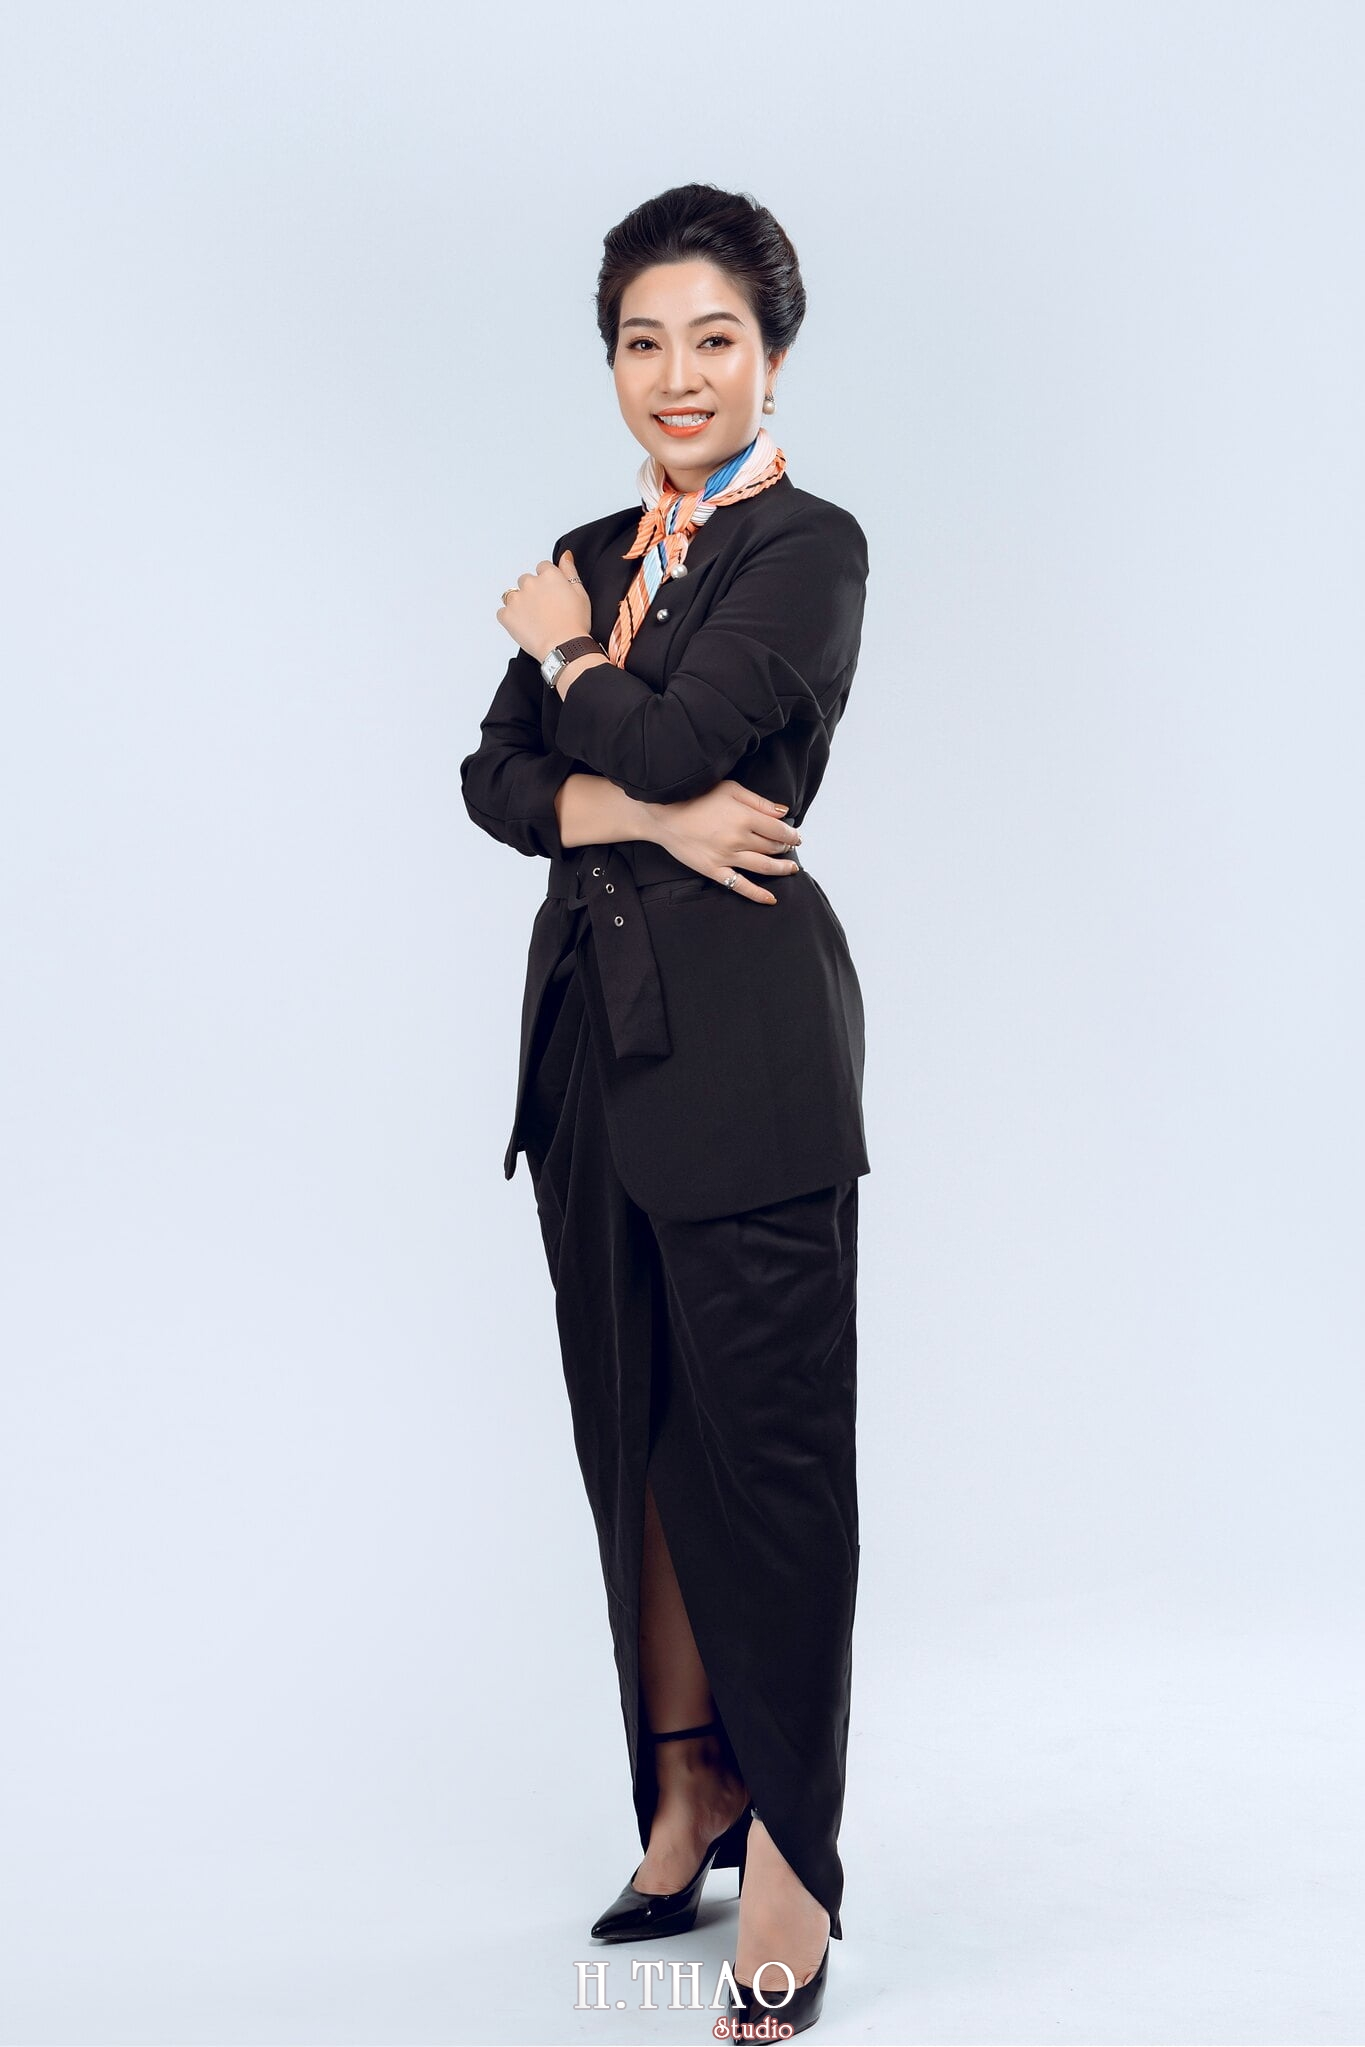 Doanh nhan nu 3 - Chụp ảnh nữ doanh nhân Lan Nguyễn tại HThao Studio – Tp.HCM